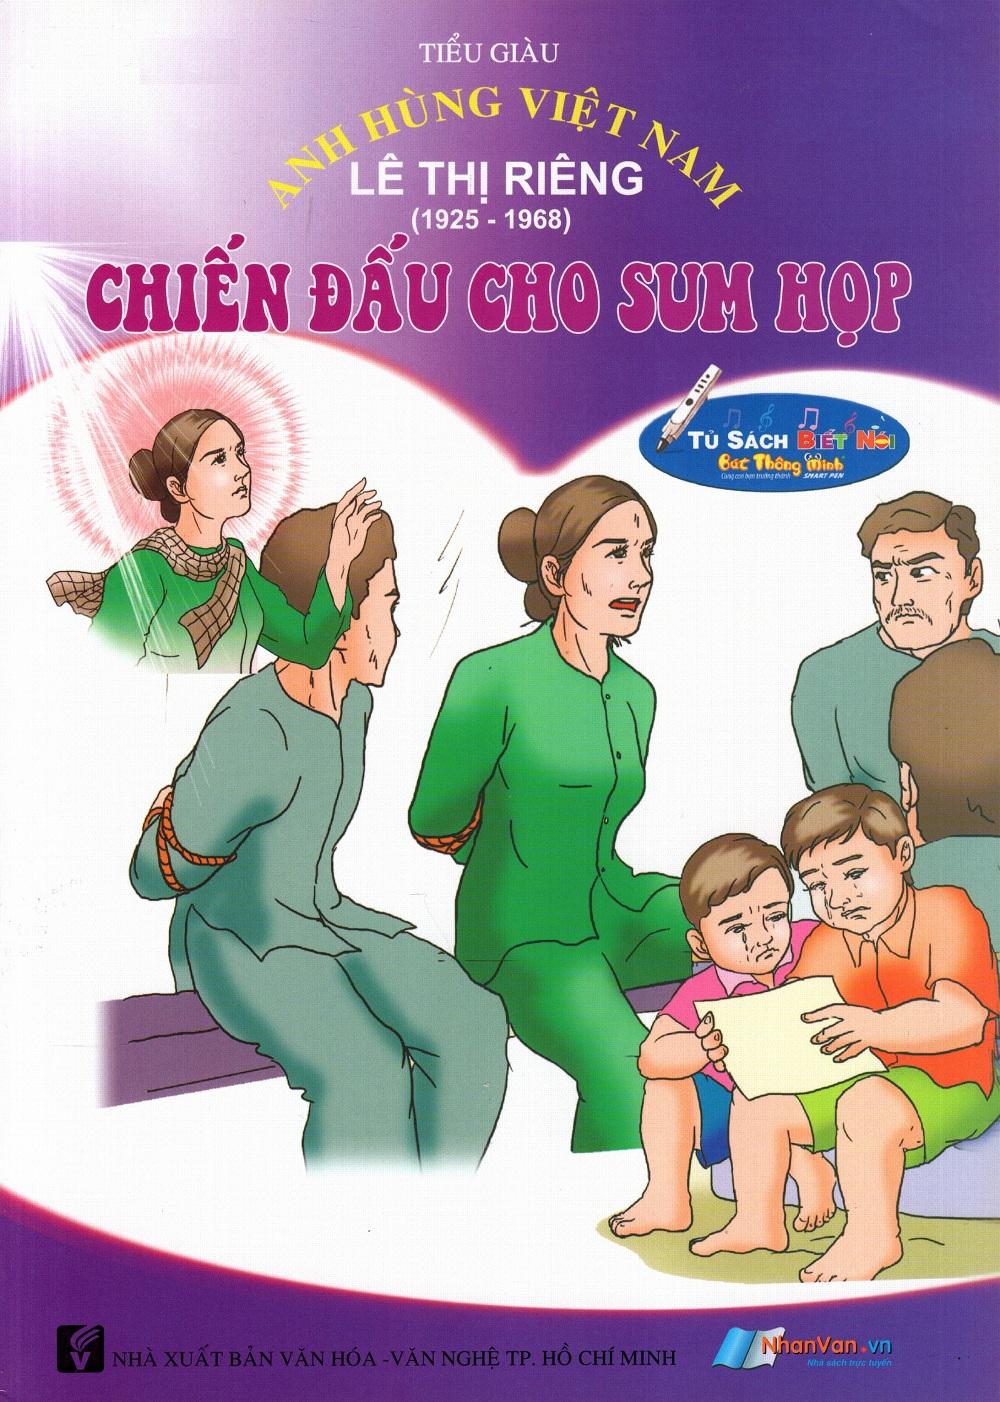 Anh Hùng Việt Nam: Lê Thị Riêng - Chiến Đấu Cho Sum Họp